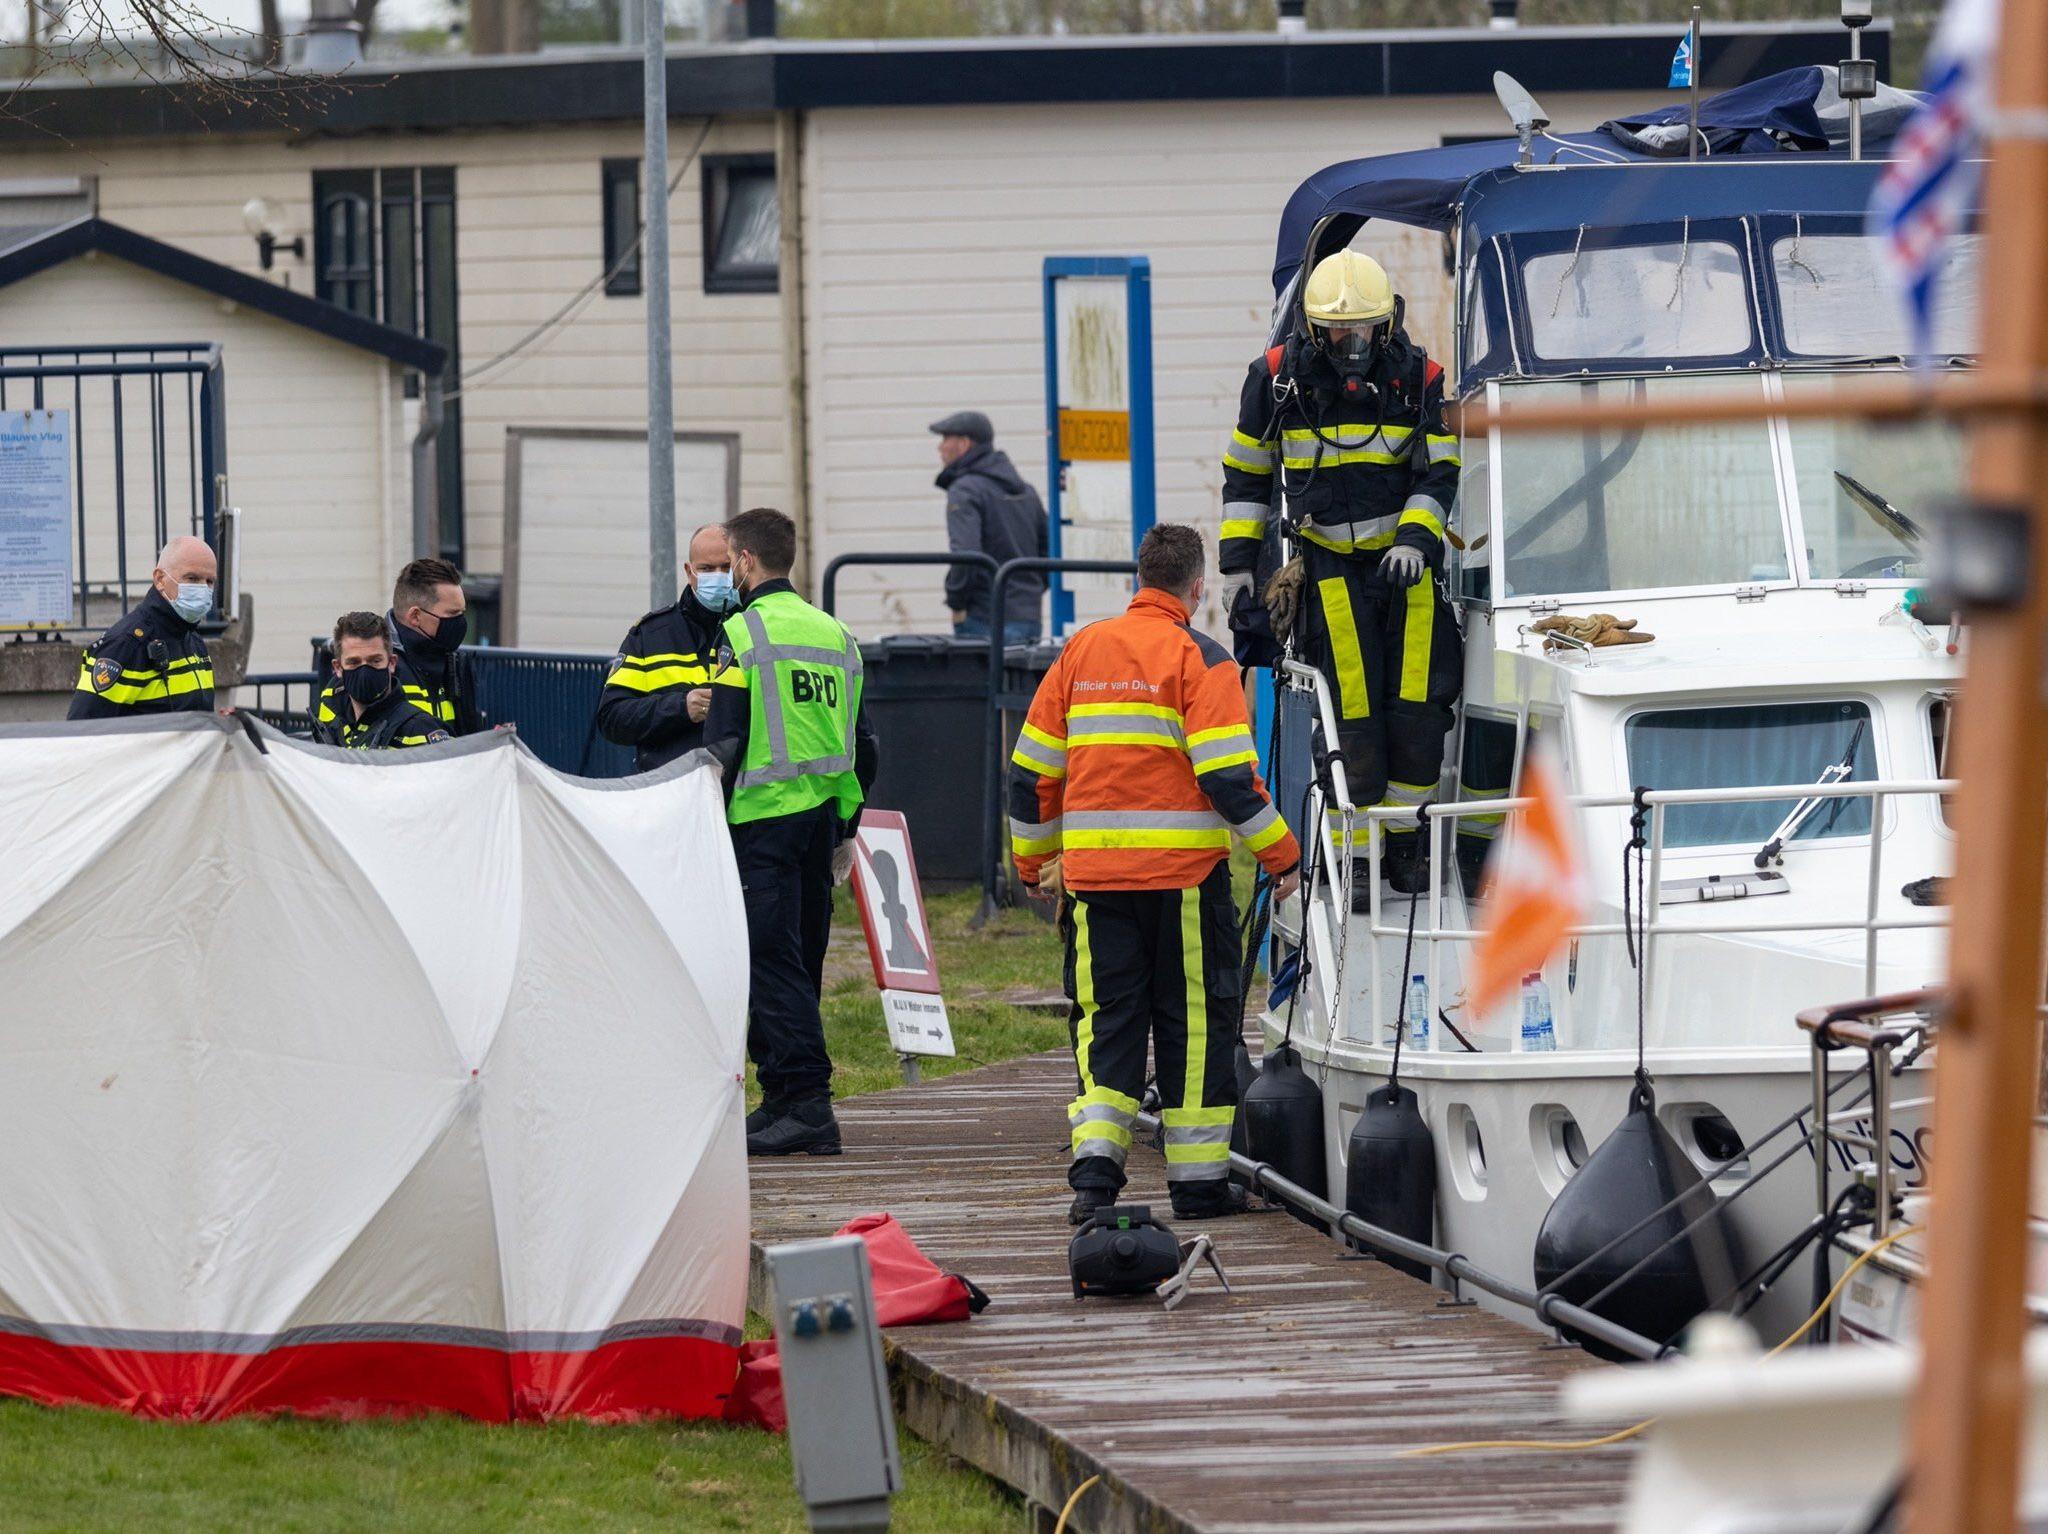 De politie doet onderzoek naar de doodsoorzaak (Foto CAMJO media)